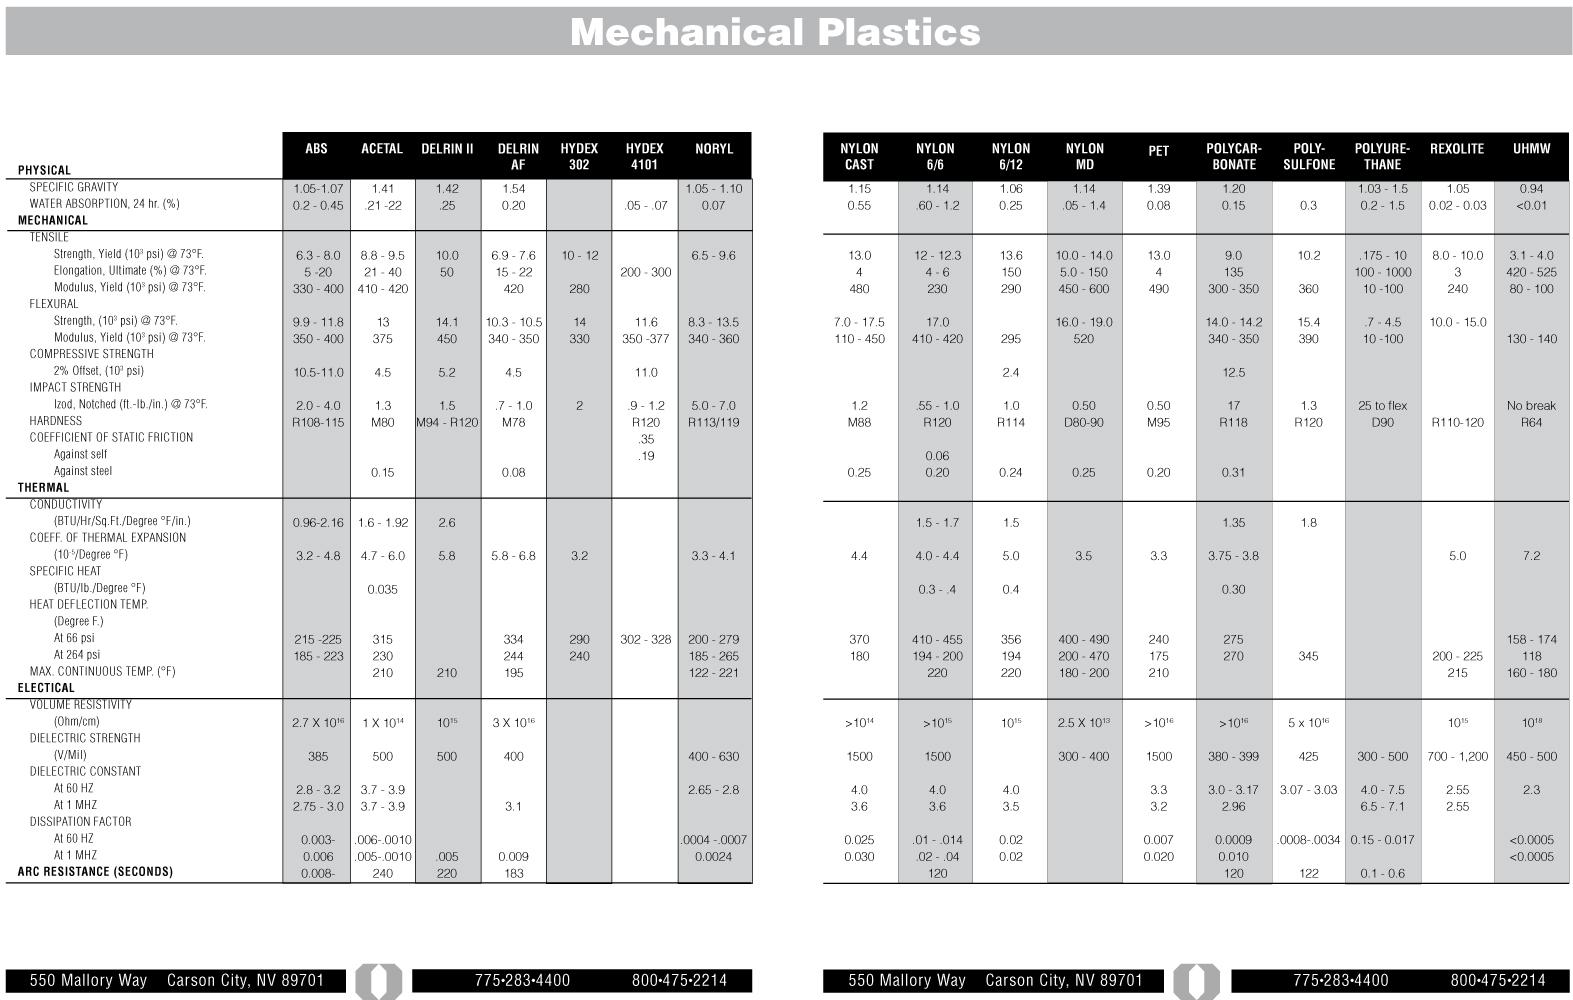 Mechanical Plastics Chart